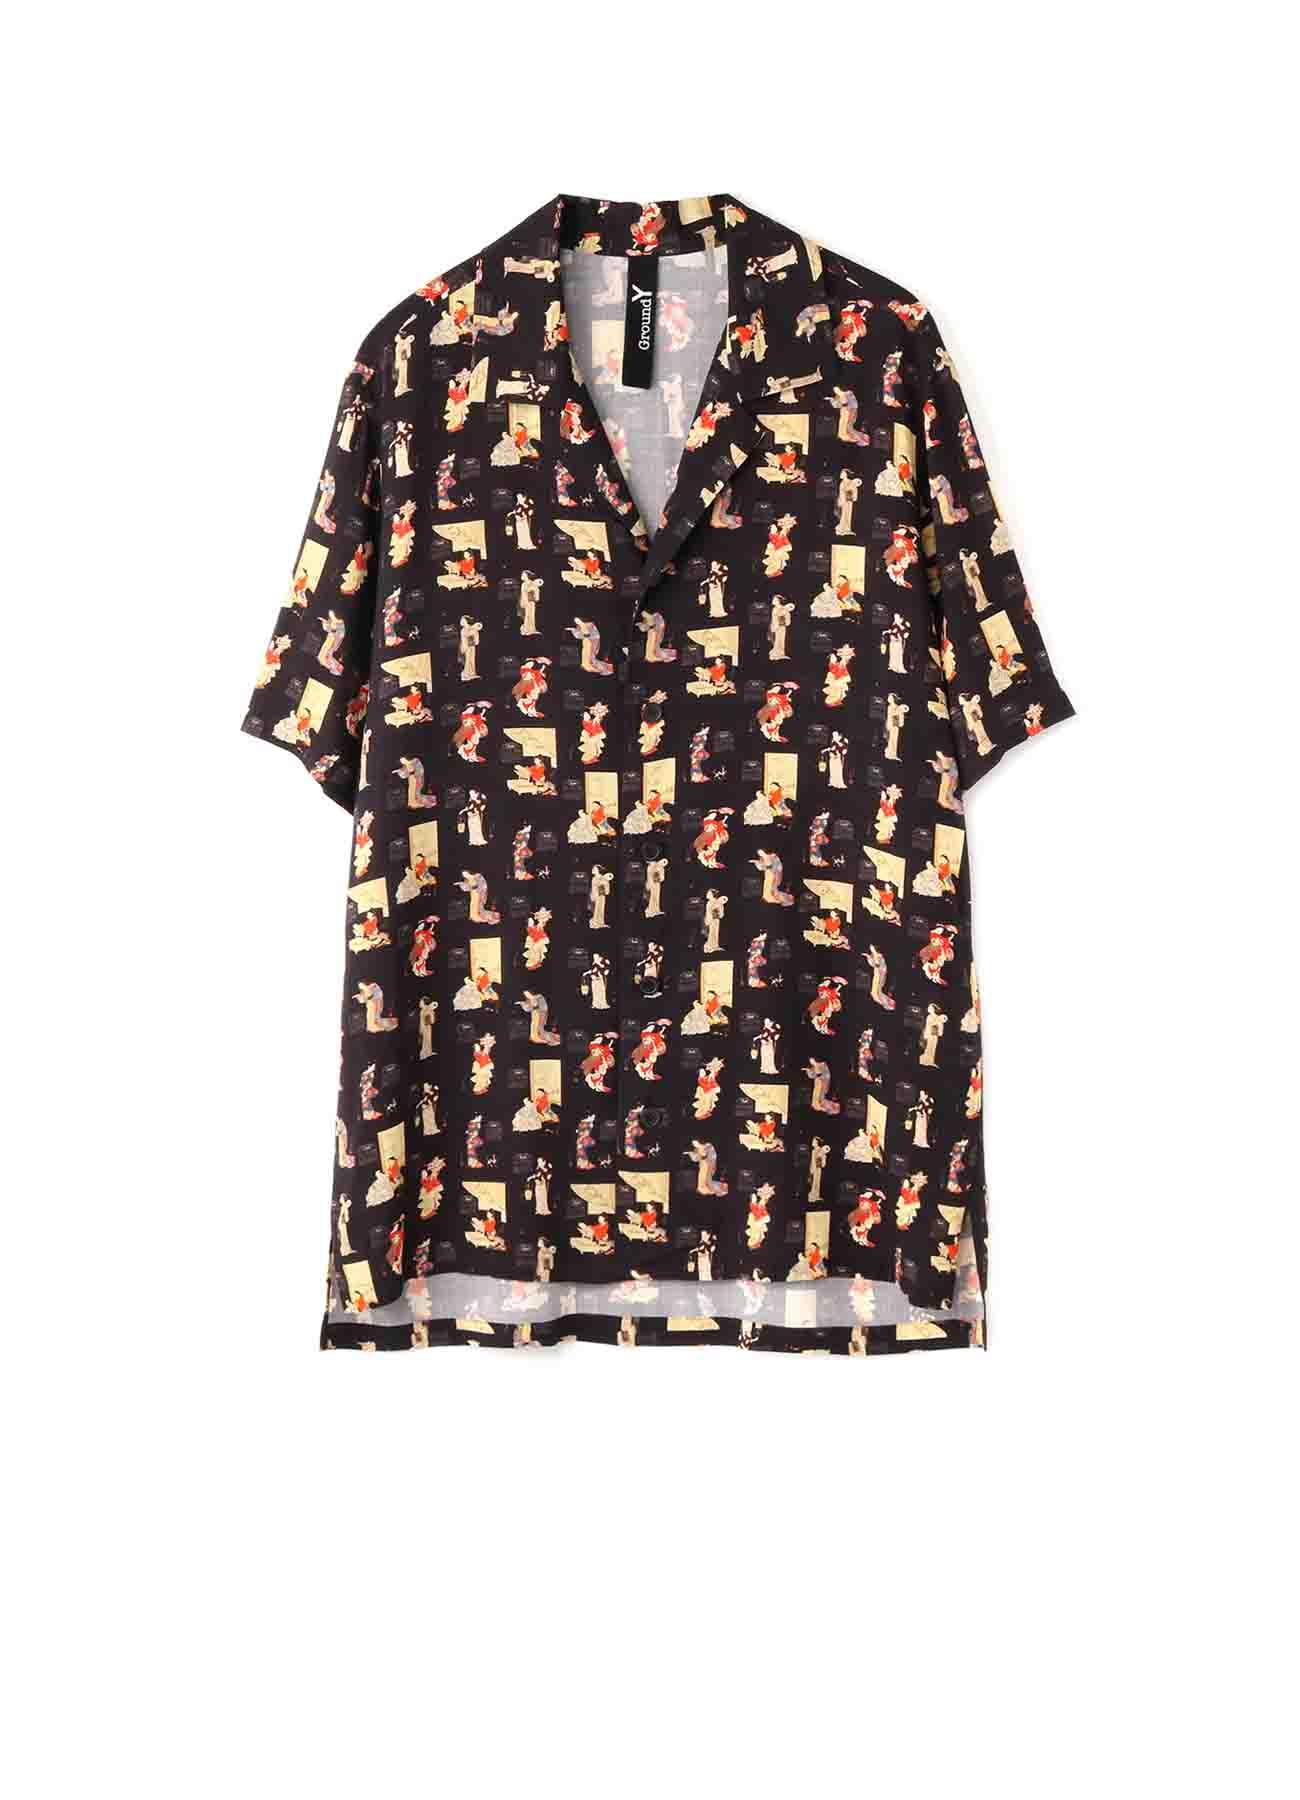 河鍋暁翠「暁翠美人十二ヵ月カレンダー」 Short Sleeves Shirt